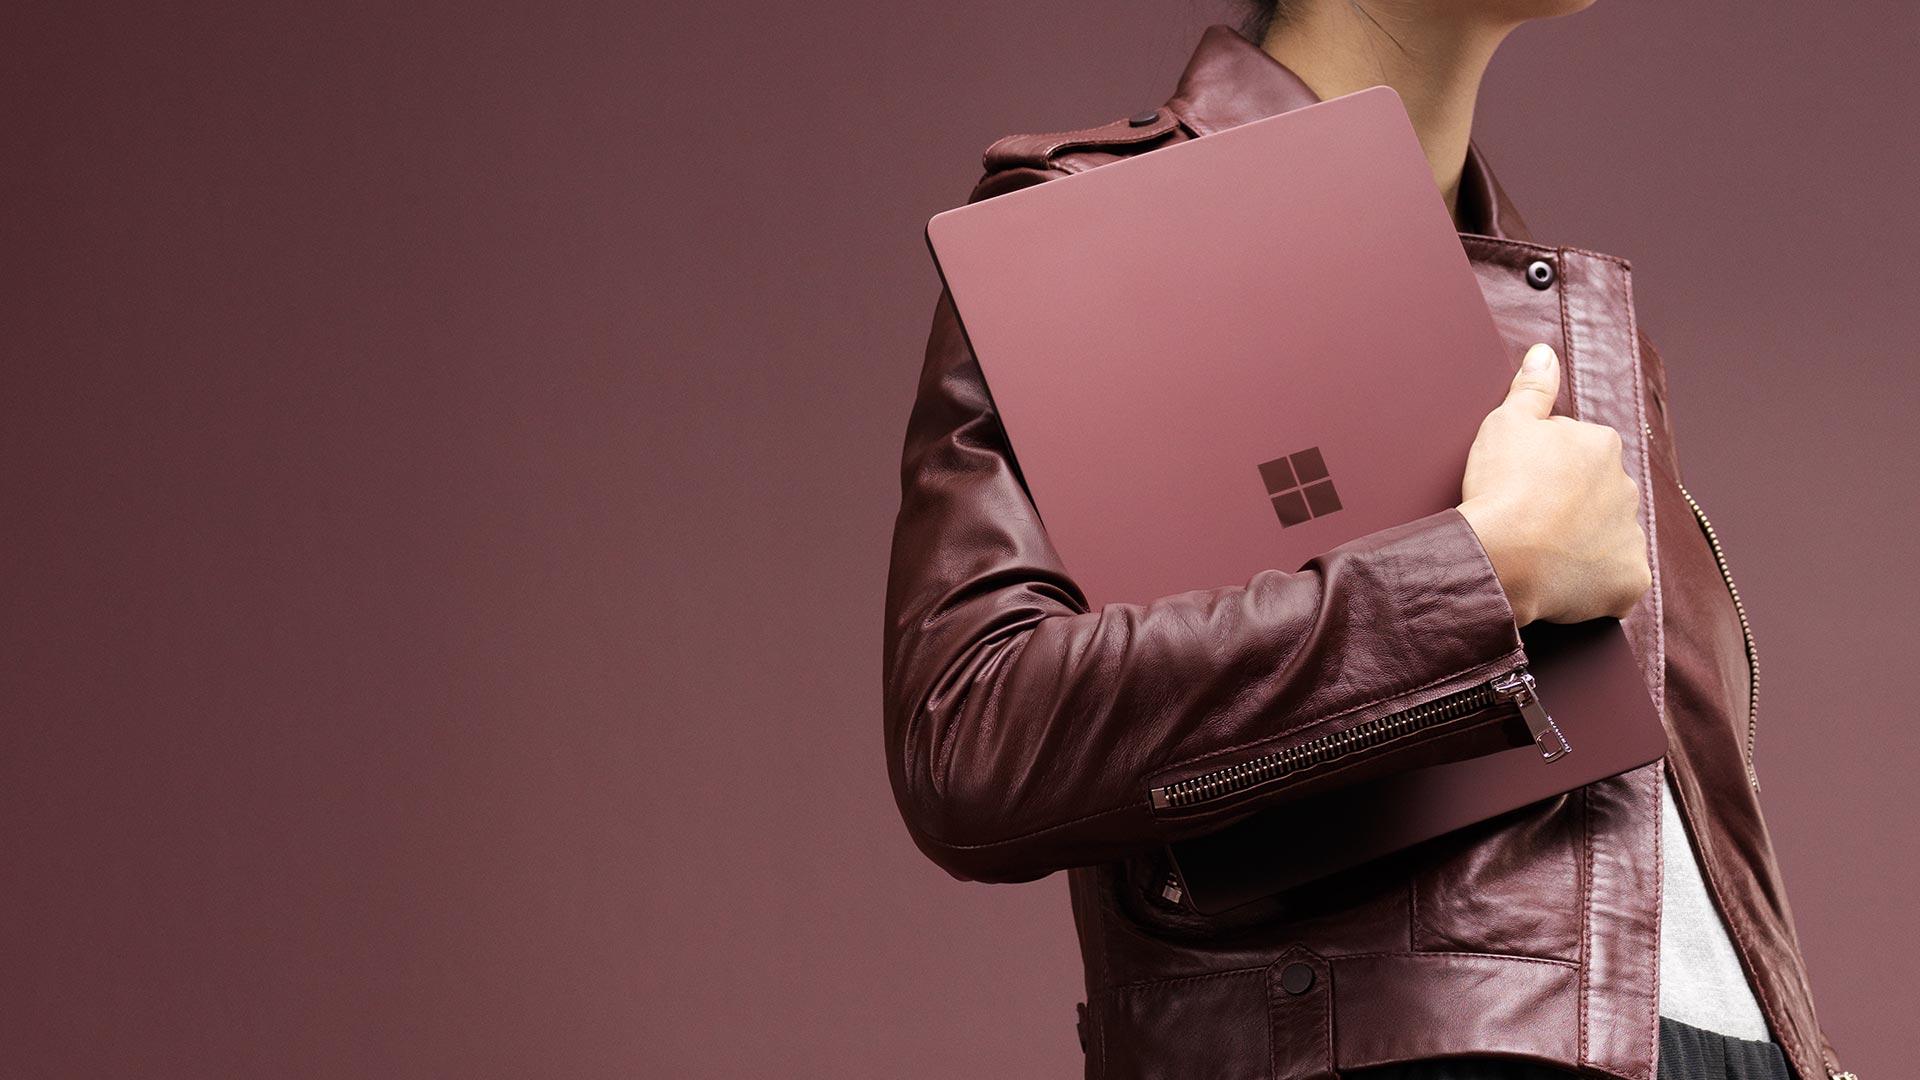 Hãng sản xuất Microsoft trình làng máy tính Surface, giá 999 USD, được cài đặt Windows 10 S 4